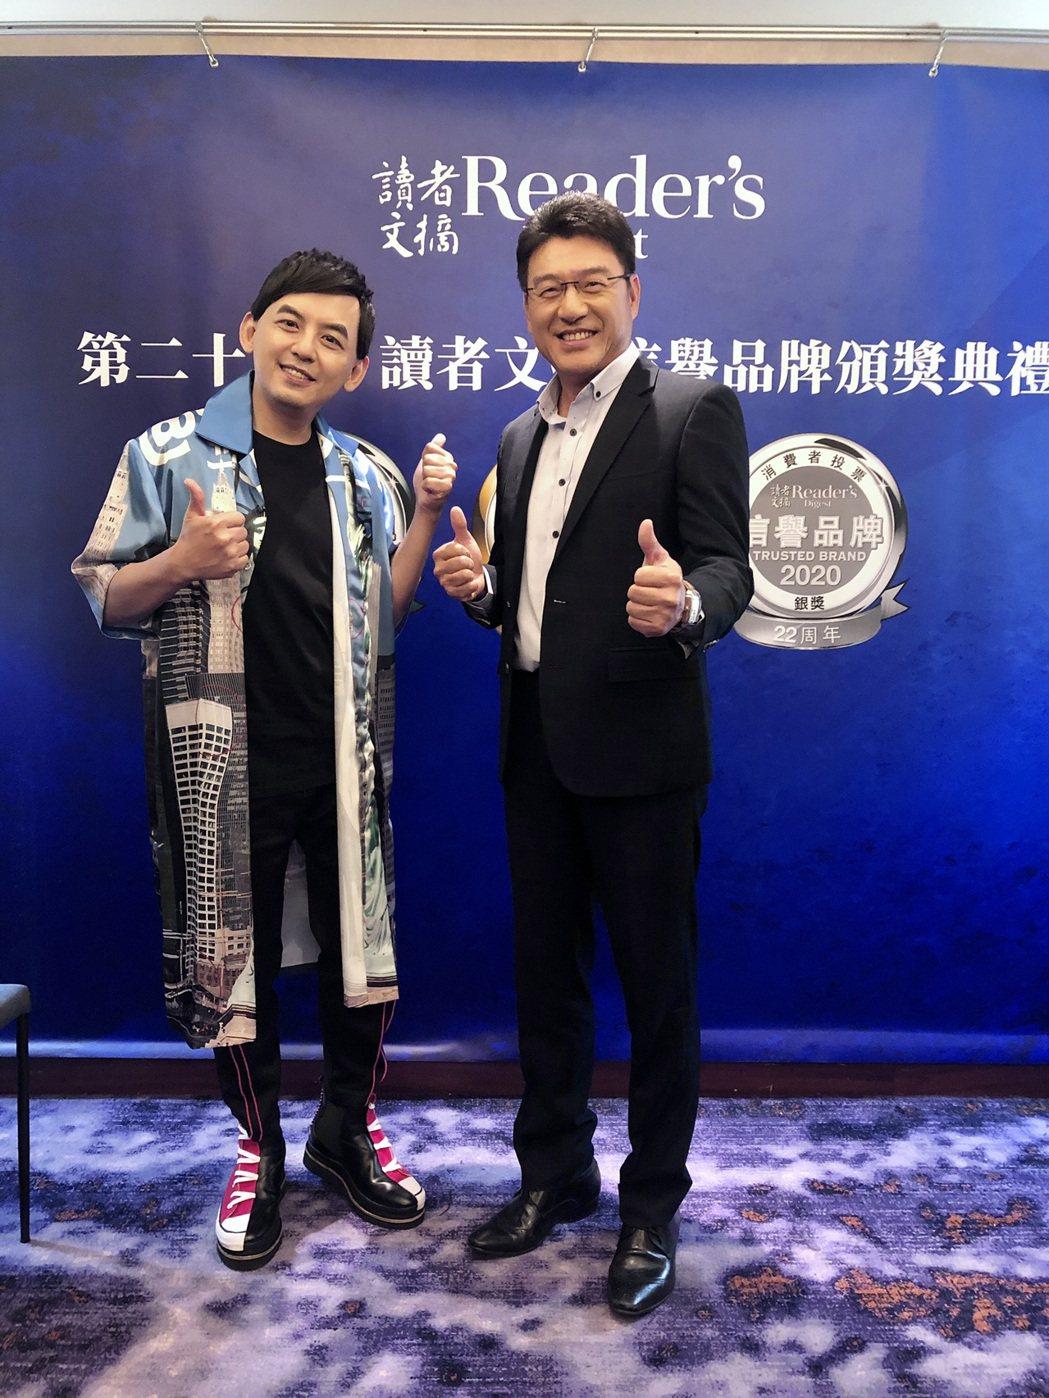 黃子佼(左)、謝震武多年來蟬連最受信賴獎。圖/讀者文摘提供